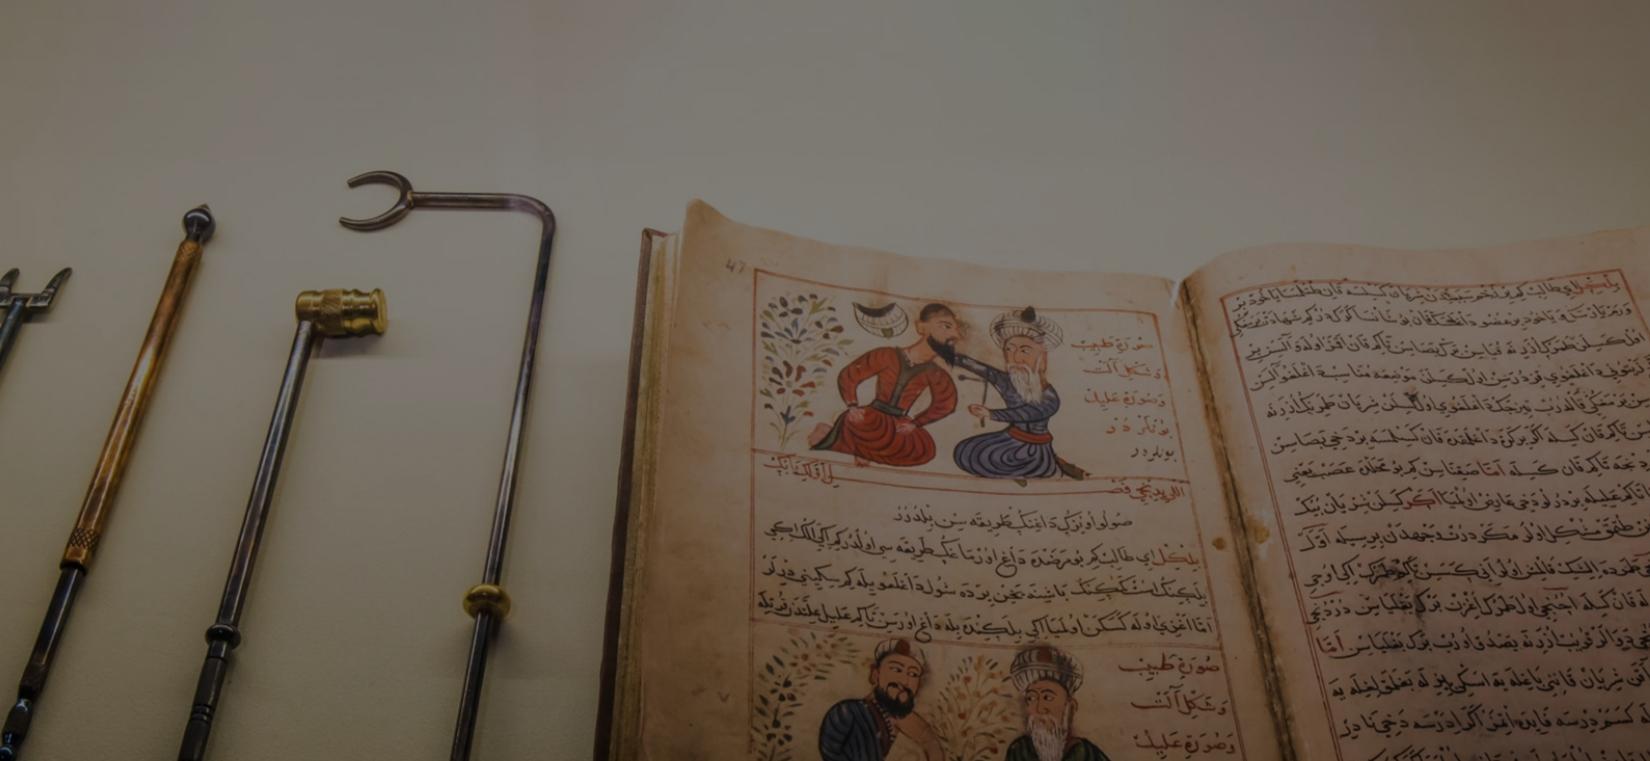 الأوبئة في السرديّات التراثيّة العربيّة